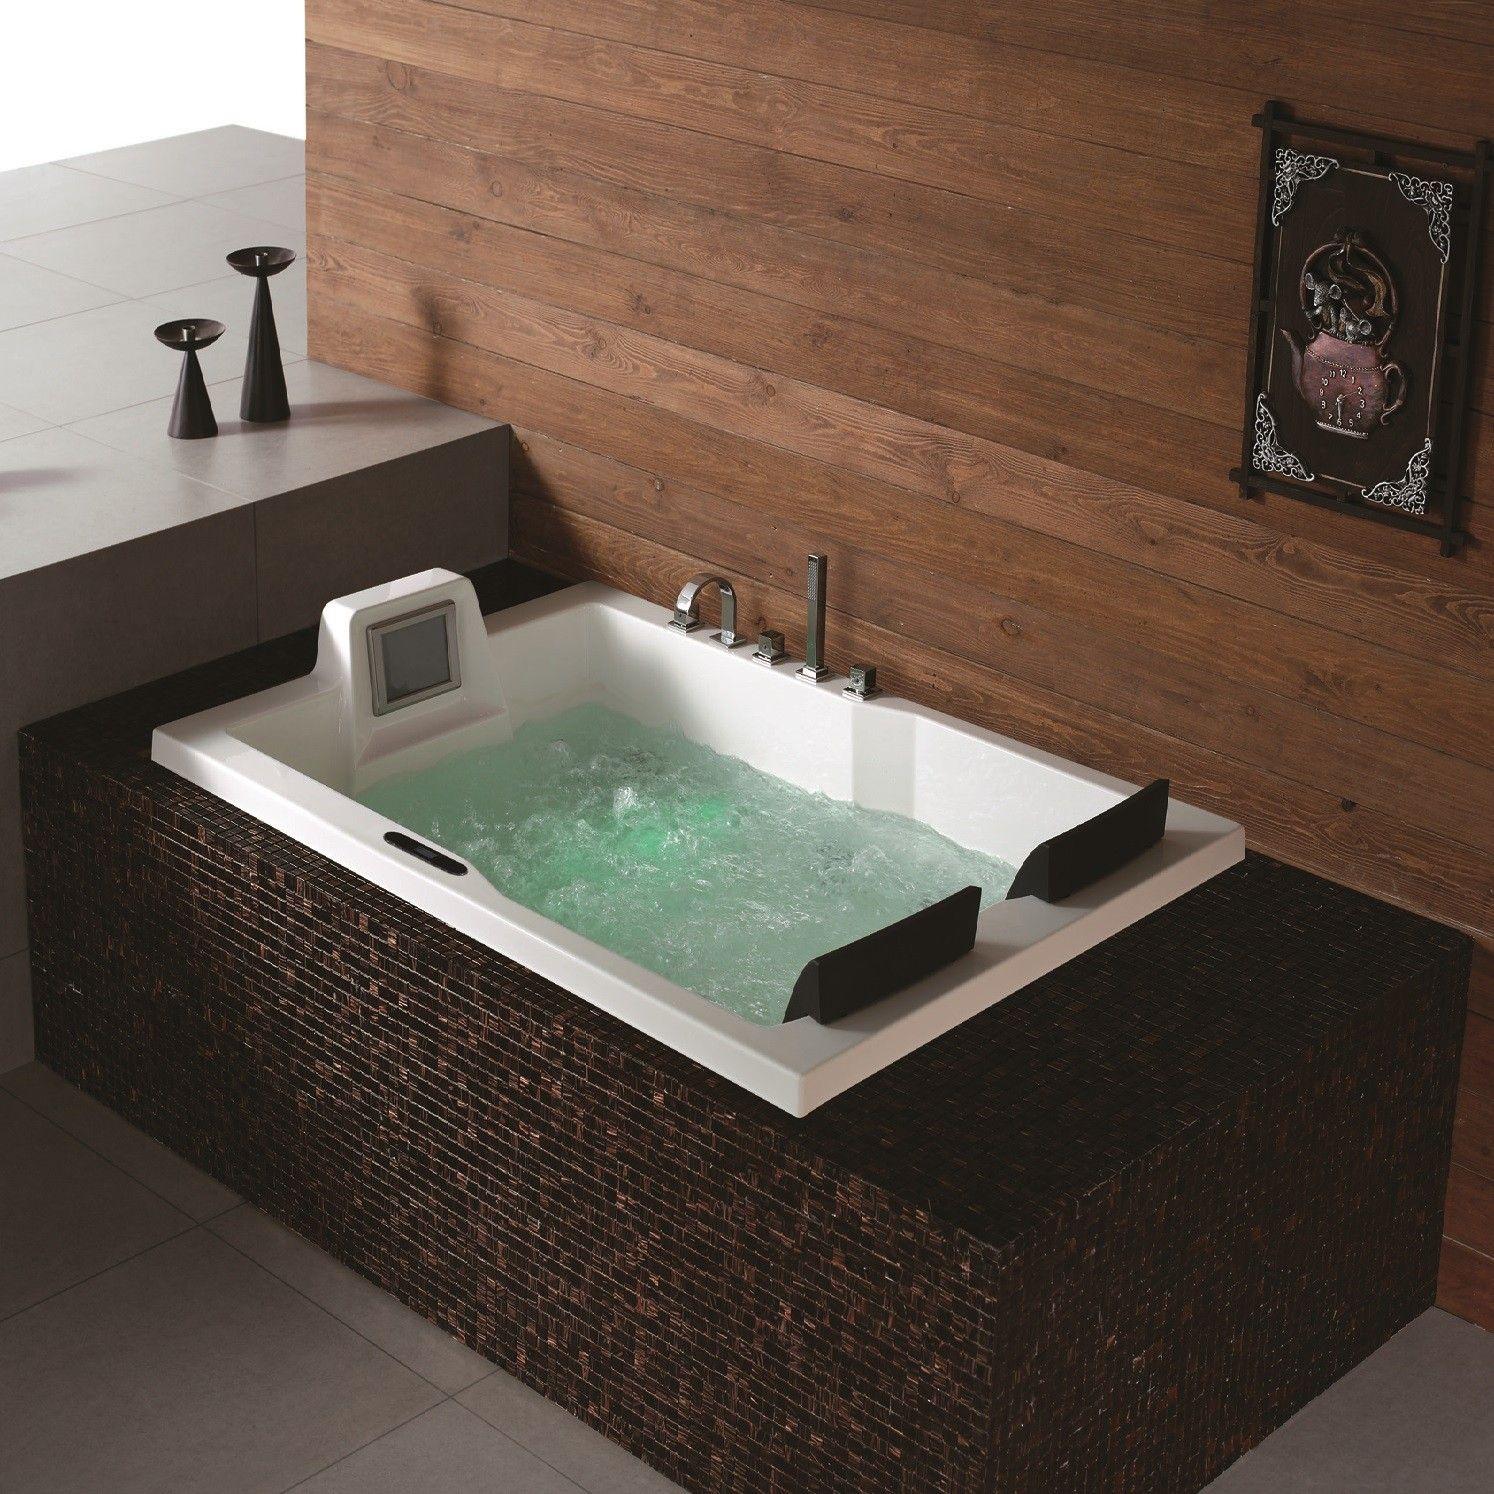 Truro Luxury Massage Tub | Master Bedroom/Bathroom | Pinterest ...